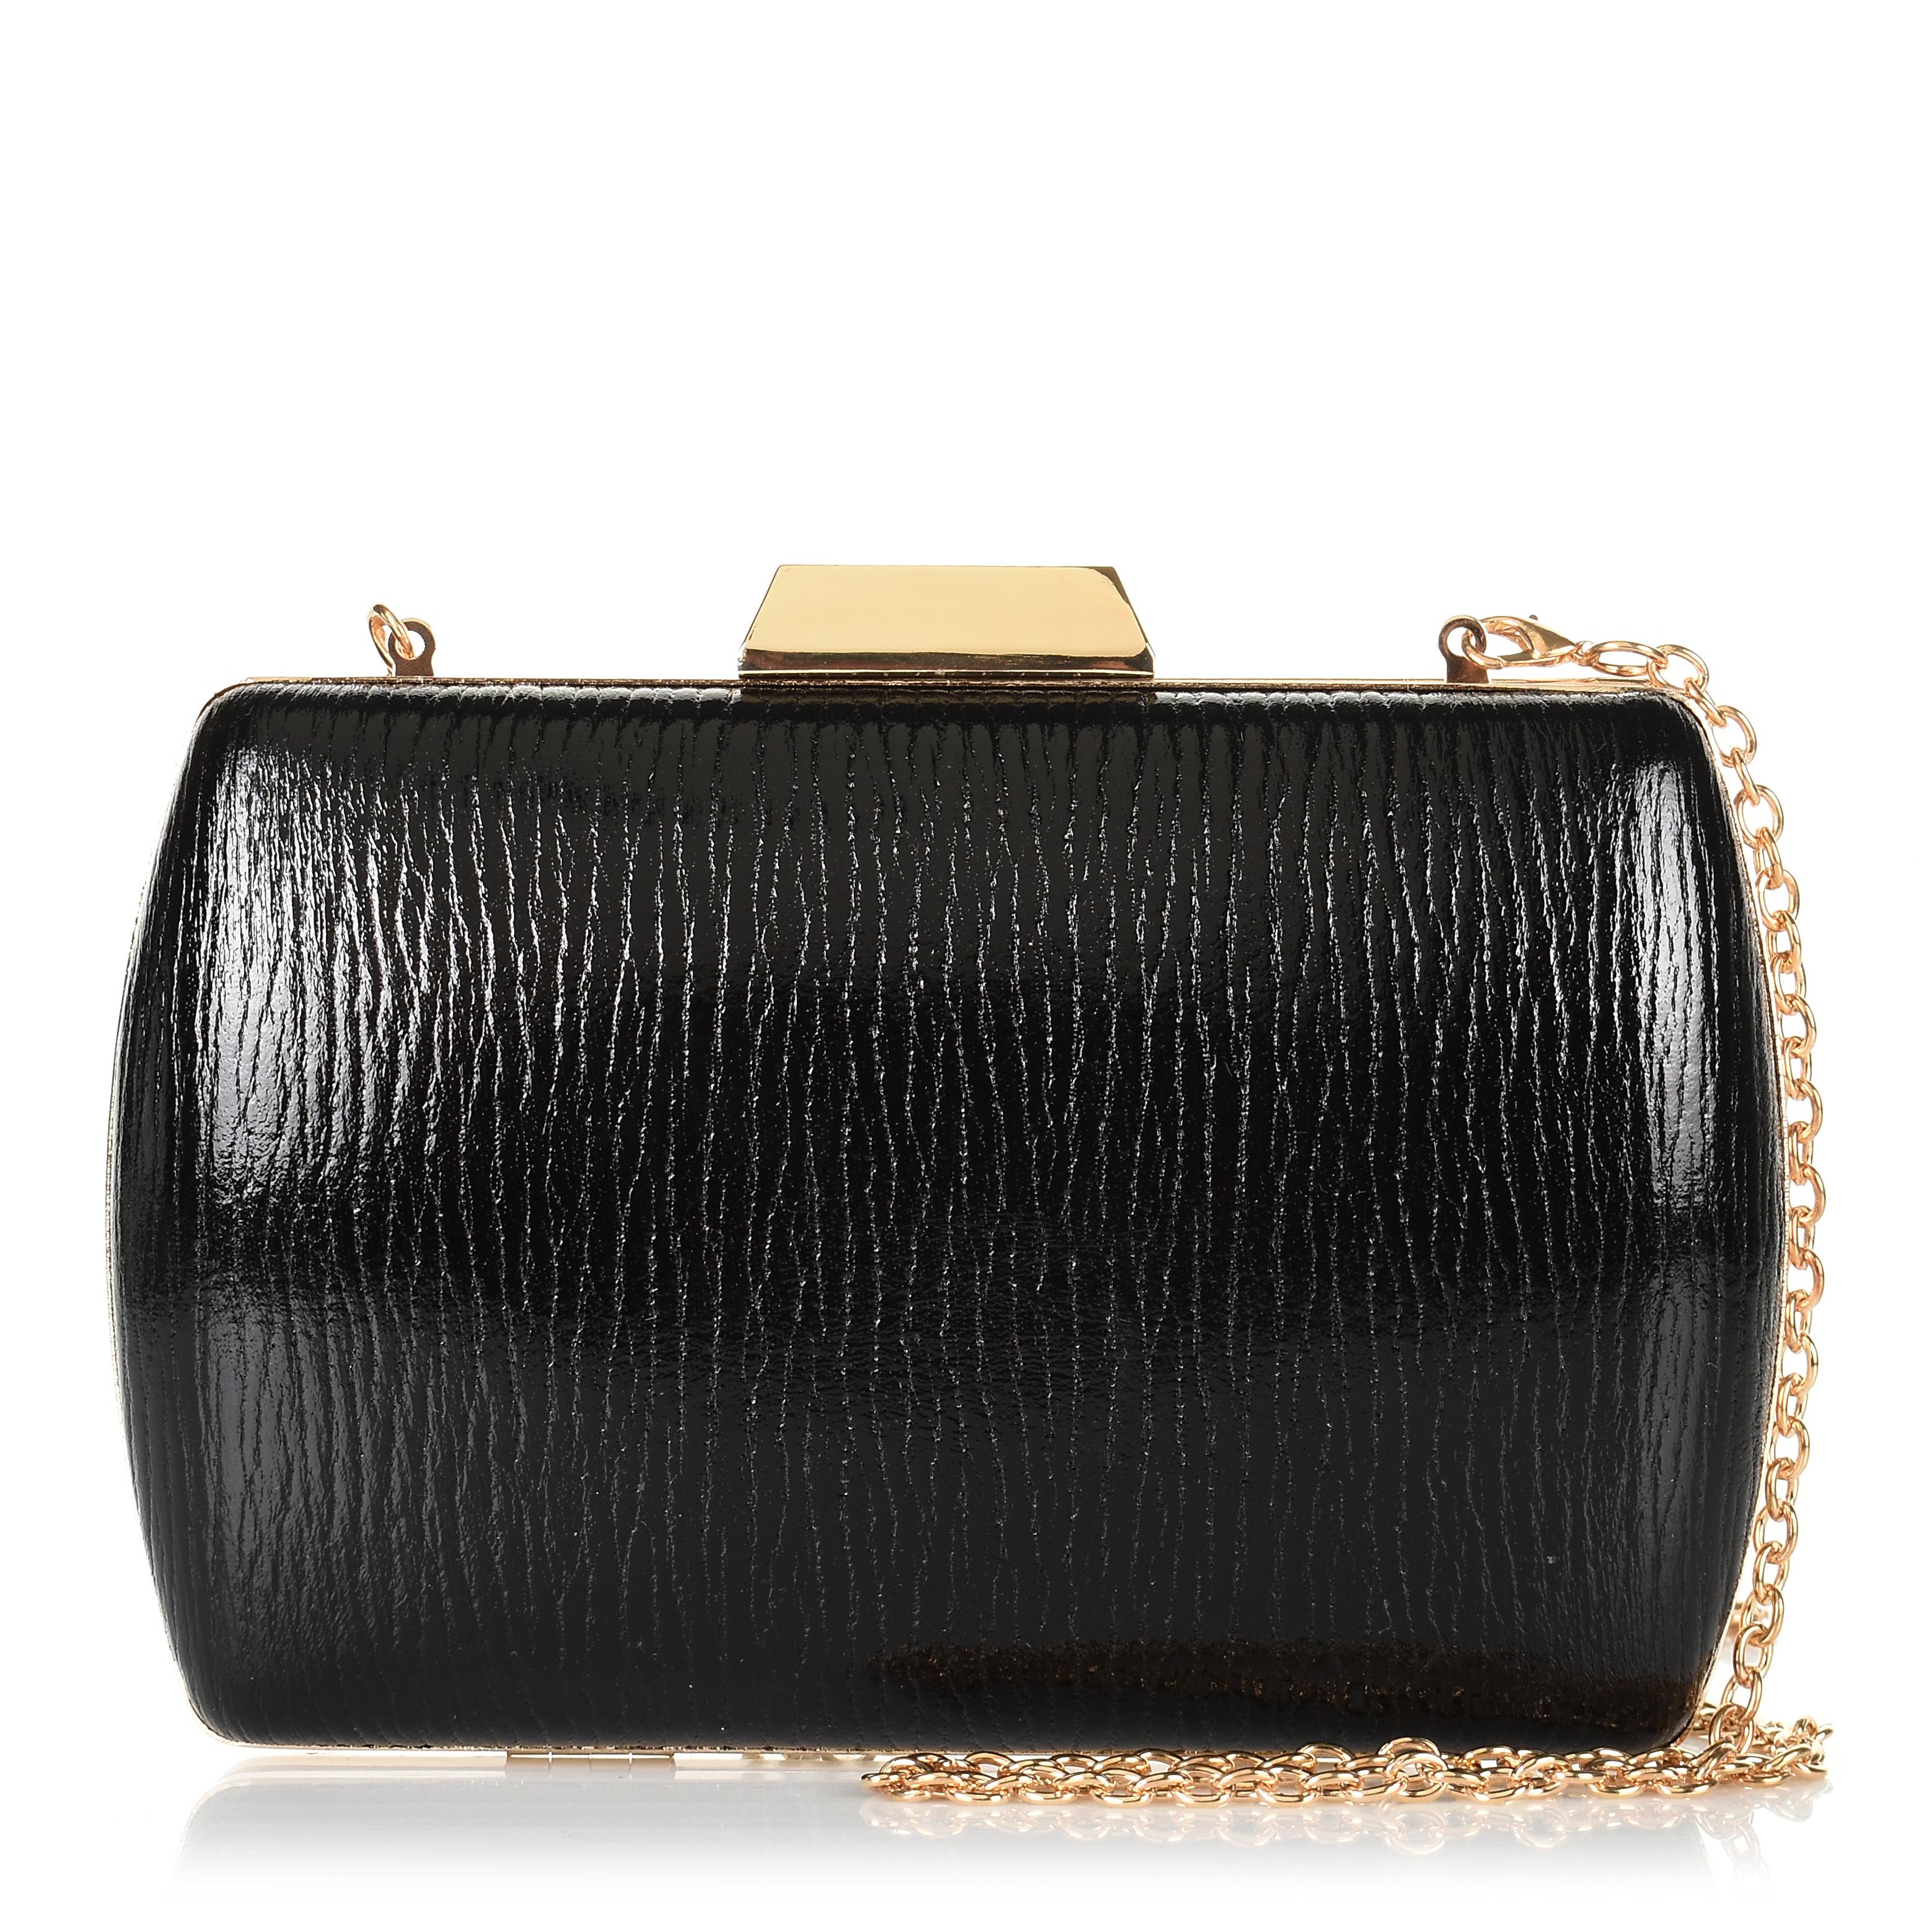 Εικόνα του προϊόντος Clutch Brandbags Collection UA5607